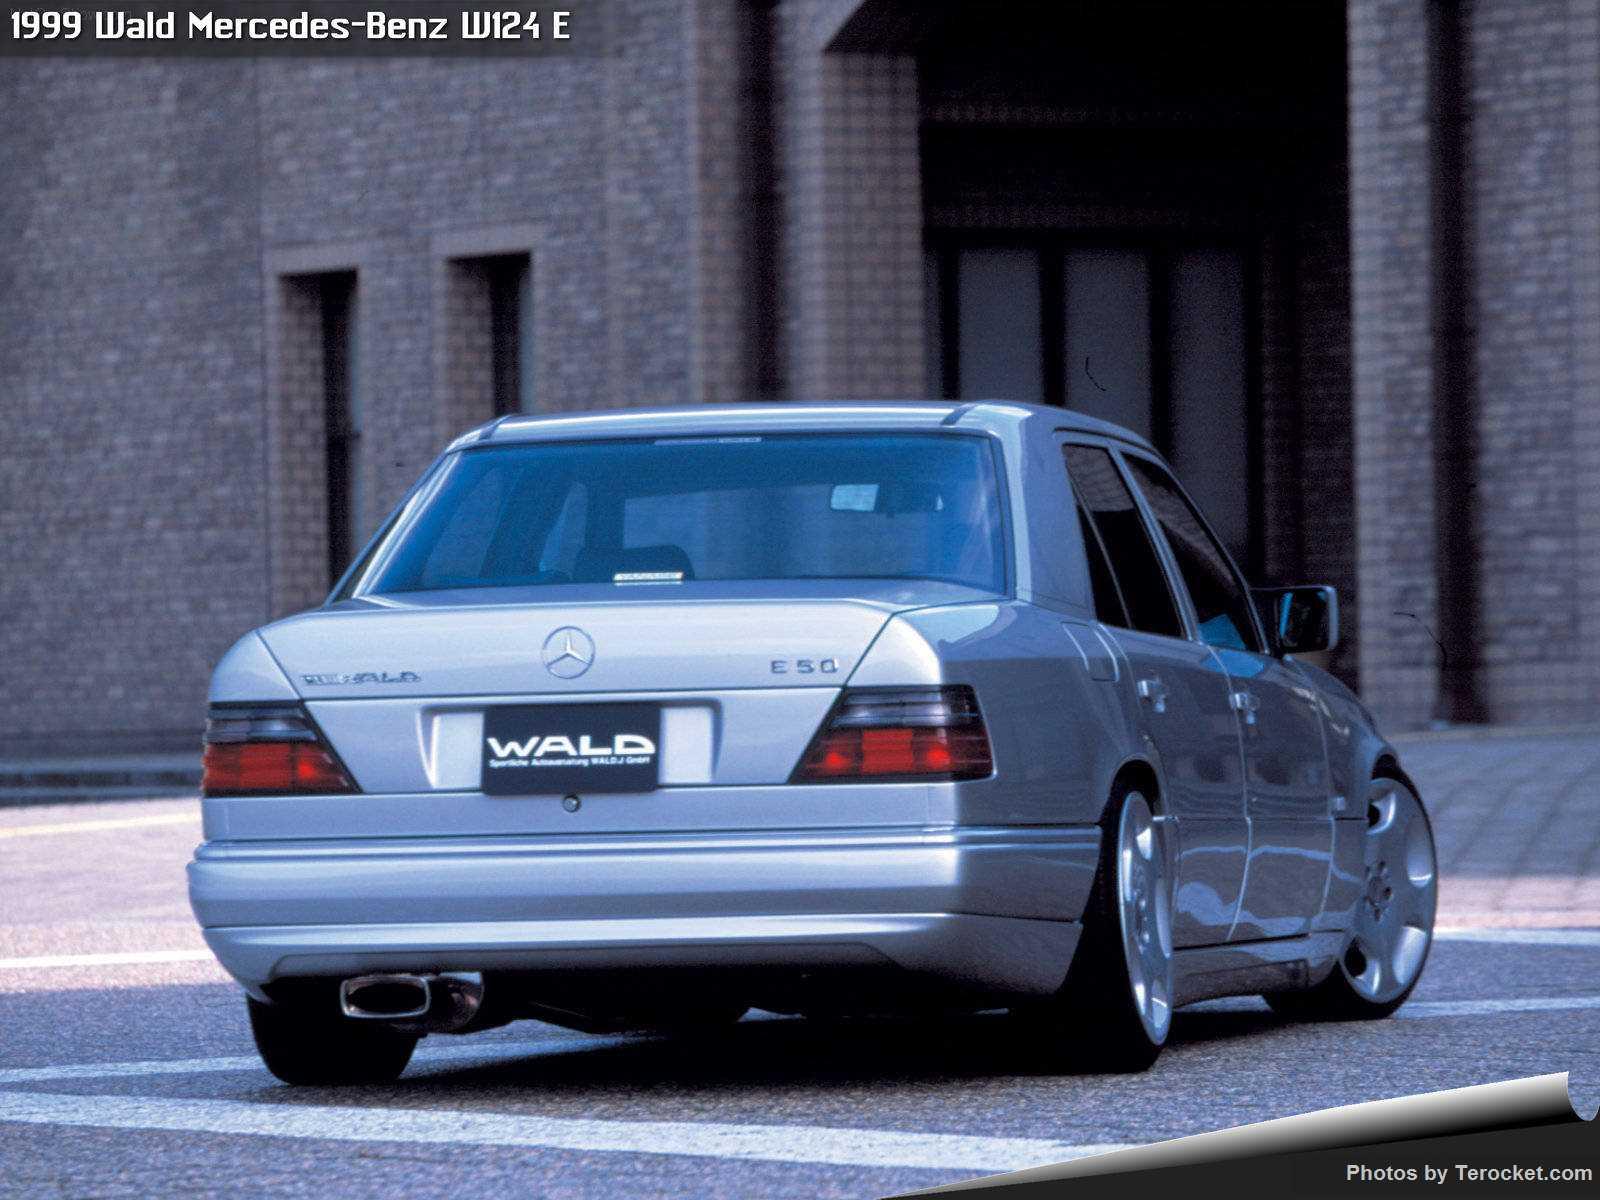 Hình ảnh xe độ Wald Mercedes-Benz W124 E 1999 & nội ngoại thất